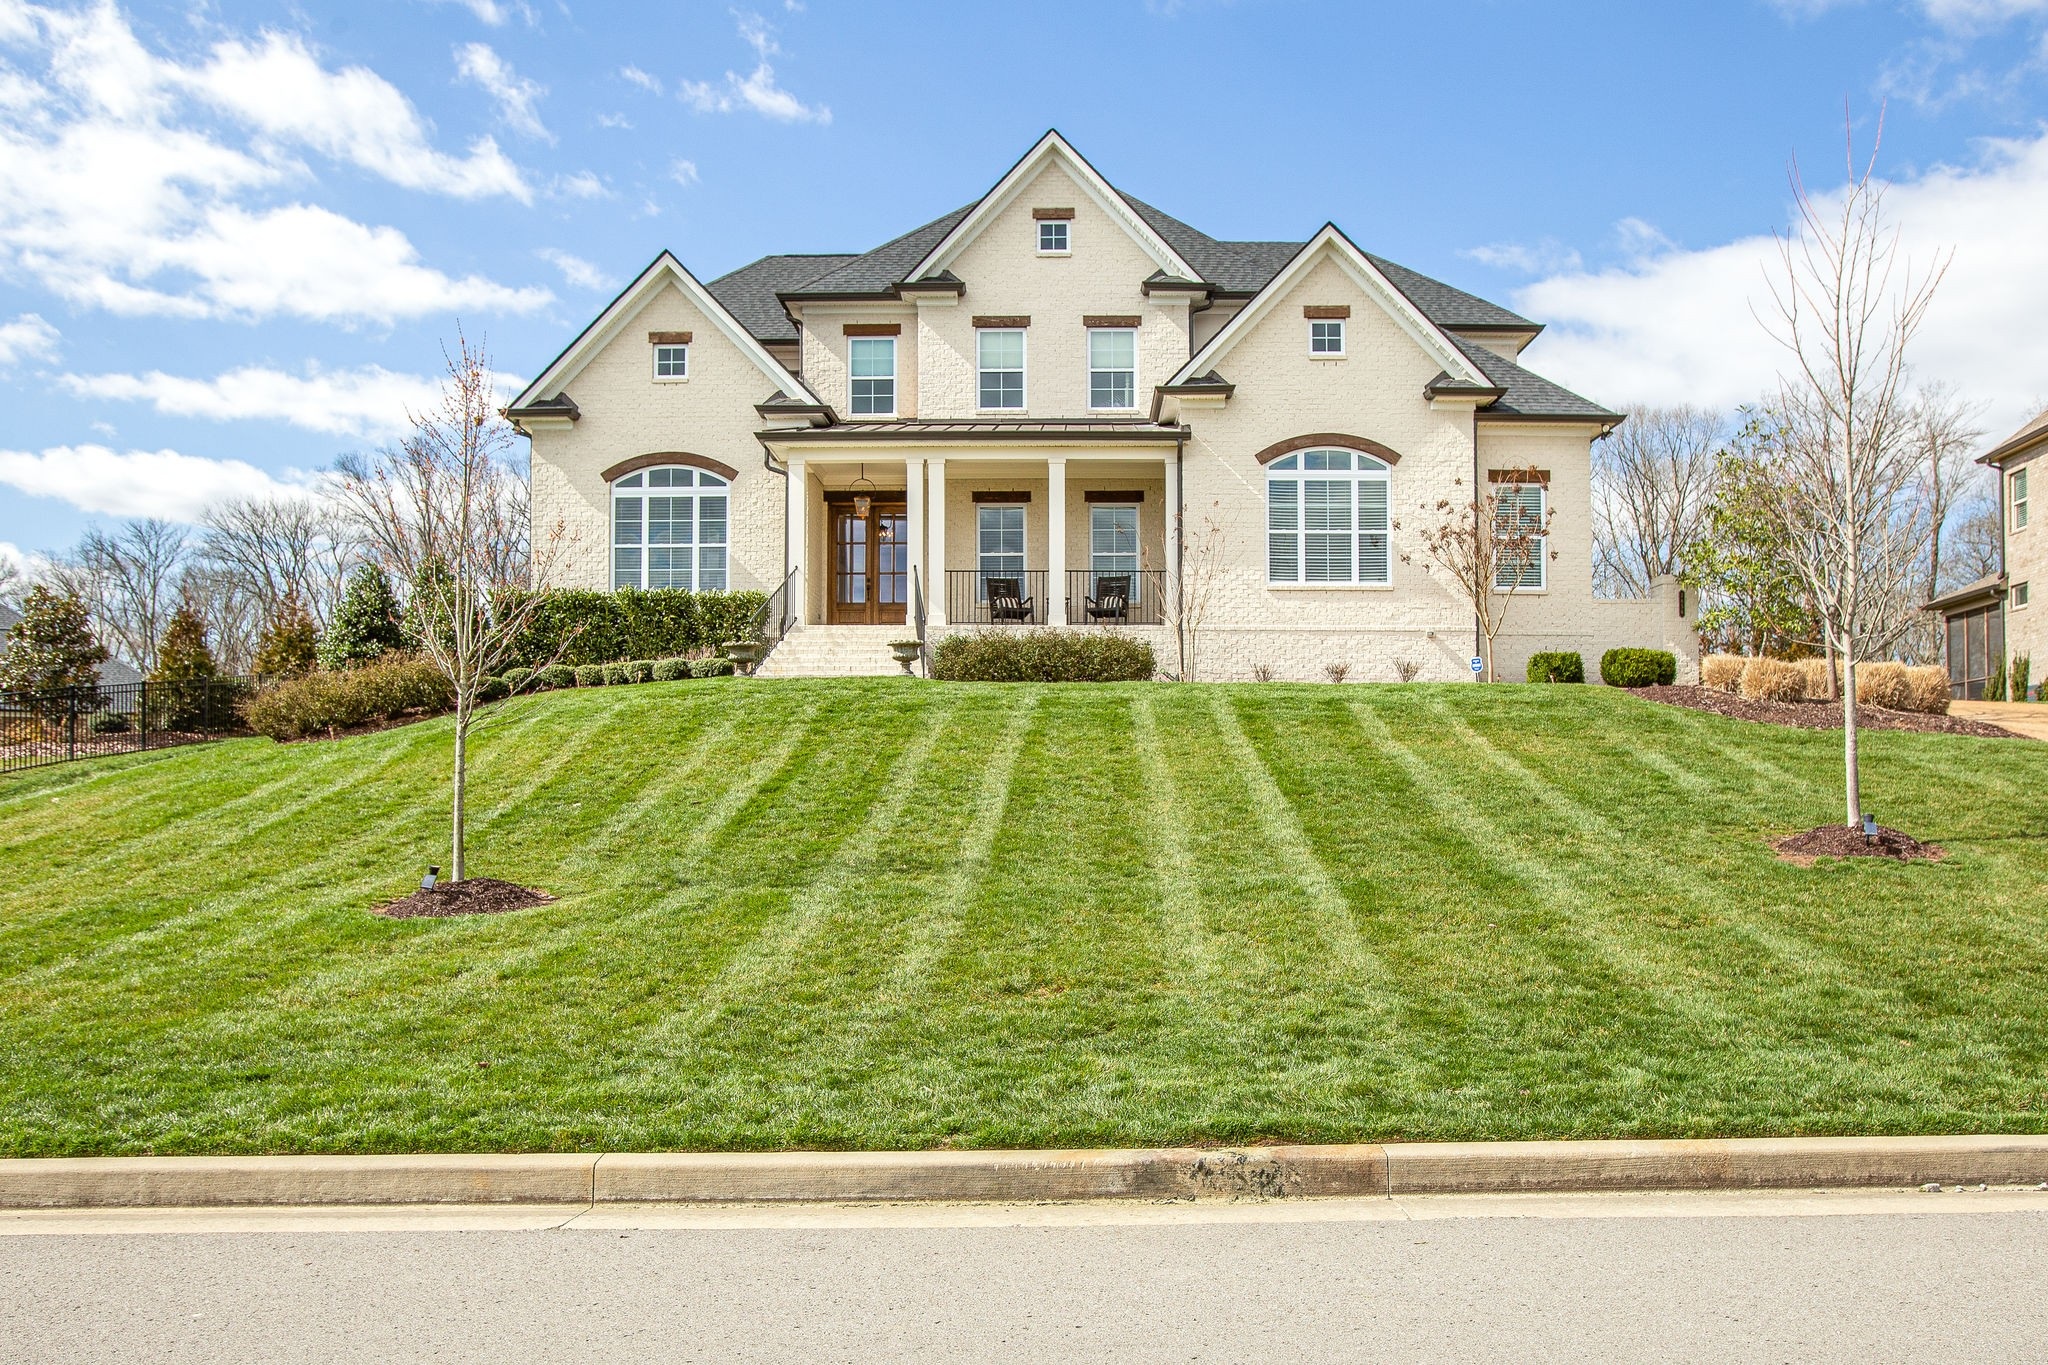 2656 Benington Pl, Nolensville, TN 37135 - Nolensville, TN real estate listing